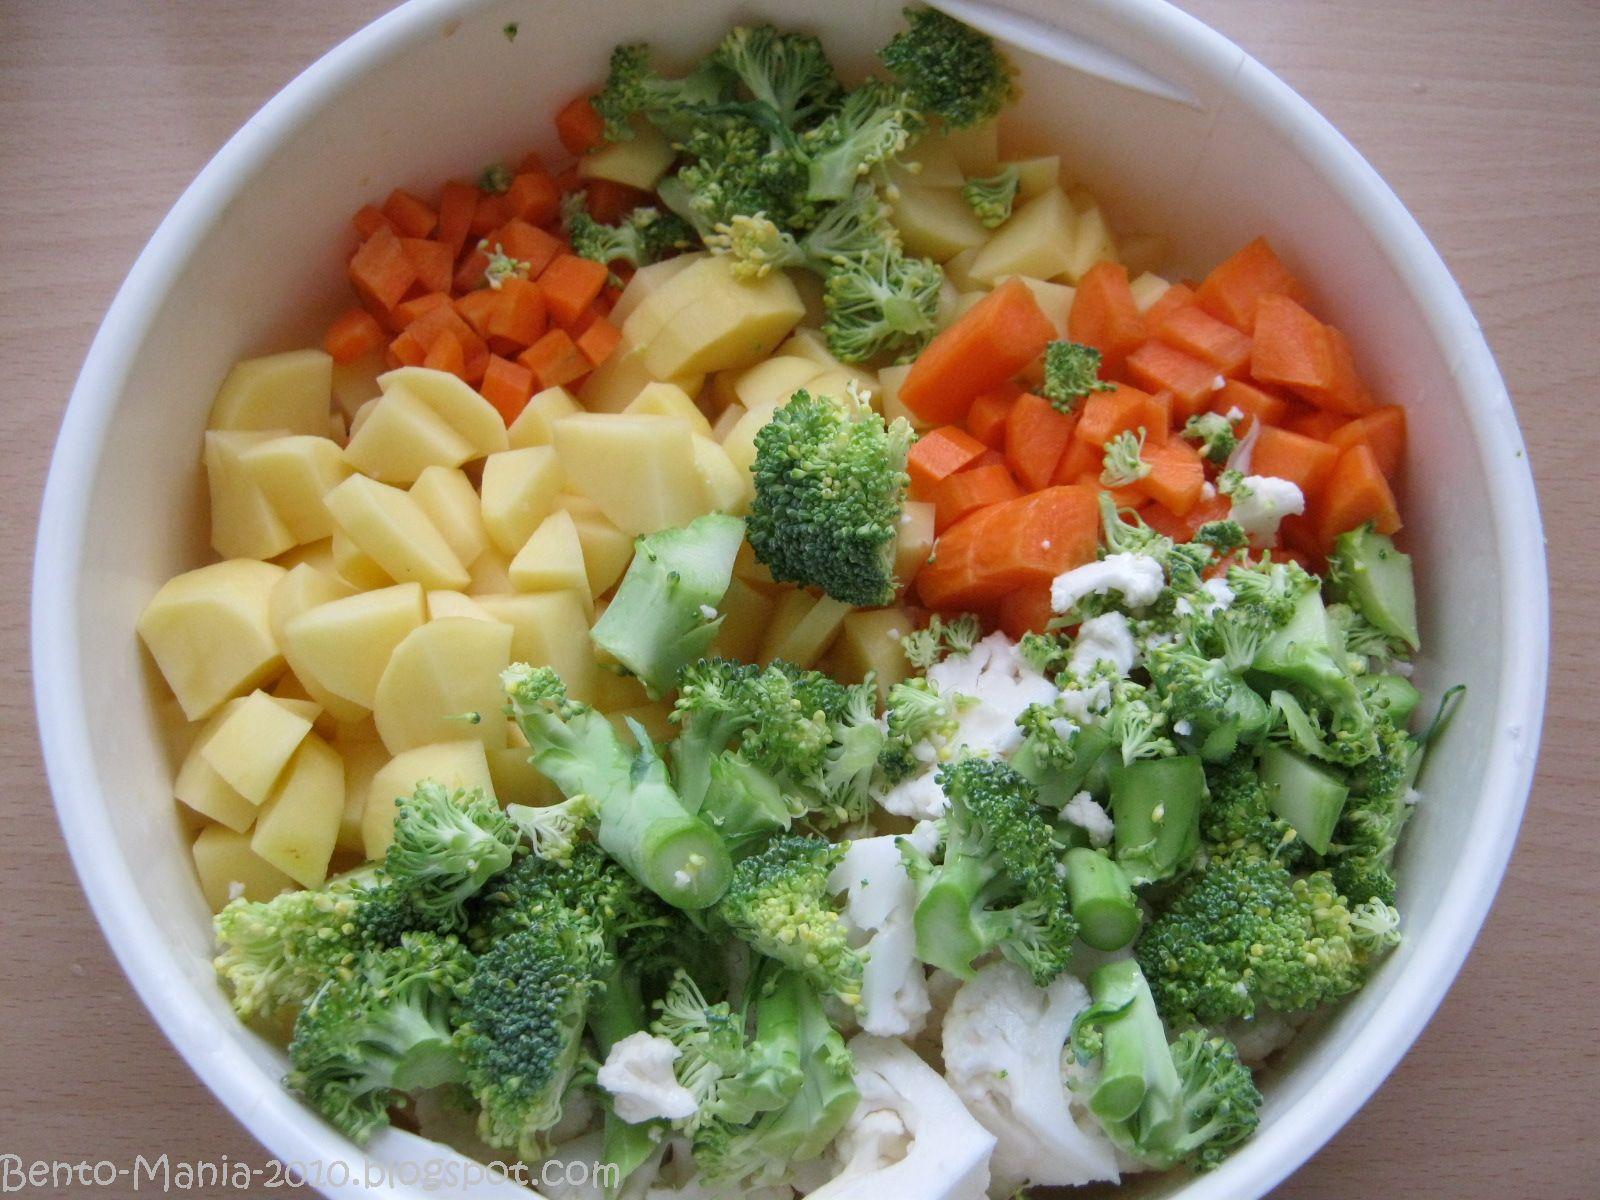 bento mania verr ckt nach der japanischen lunch box rezept des monats vegetarische. Black Bedroom Furniture Sets. Home Design Ideas